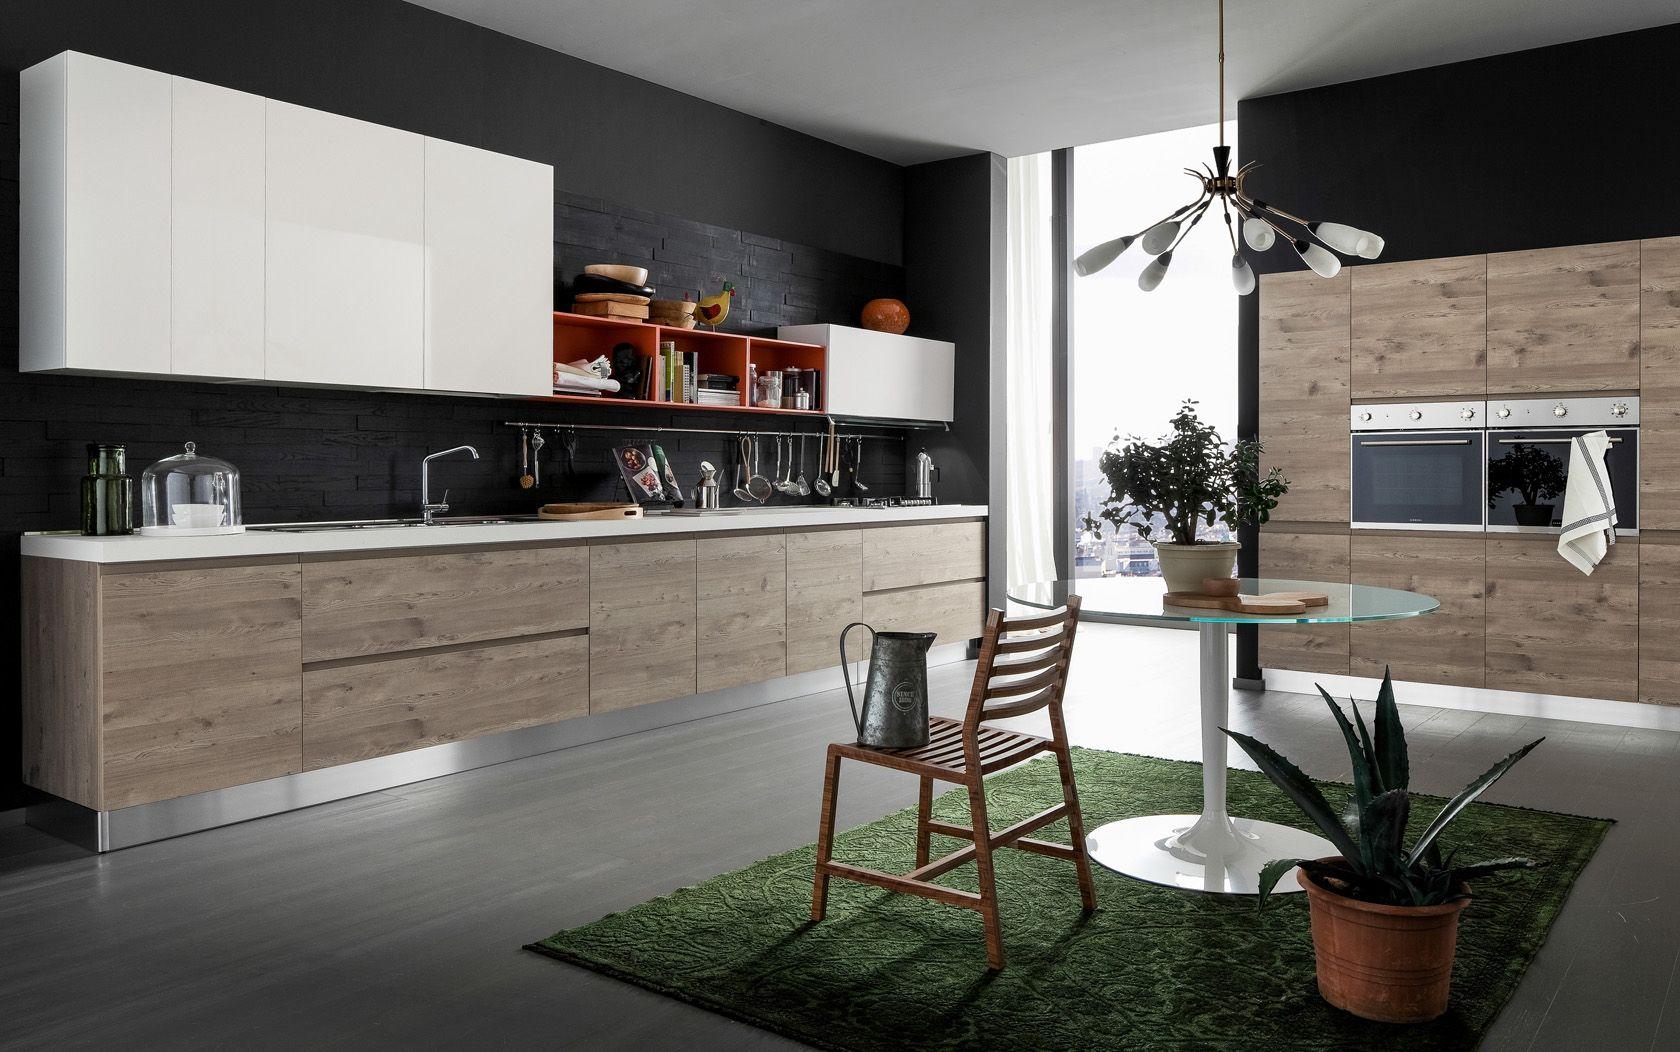 Cucina effequattro wave grandacasa - Cucina laminato effetto legno ...